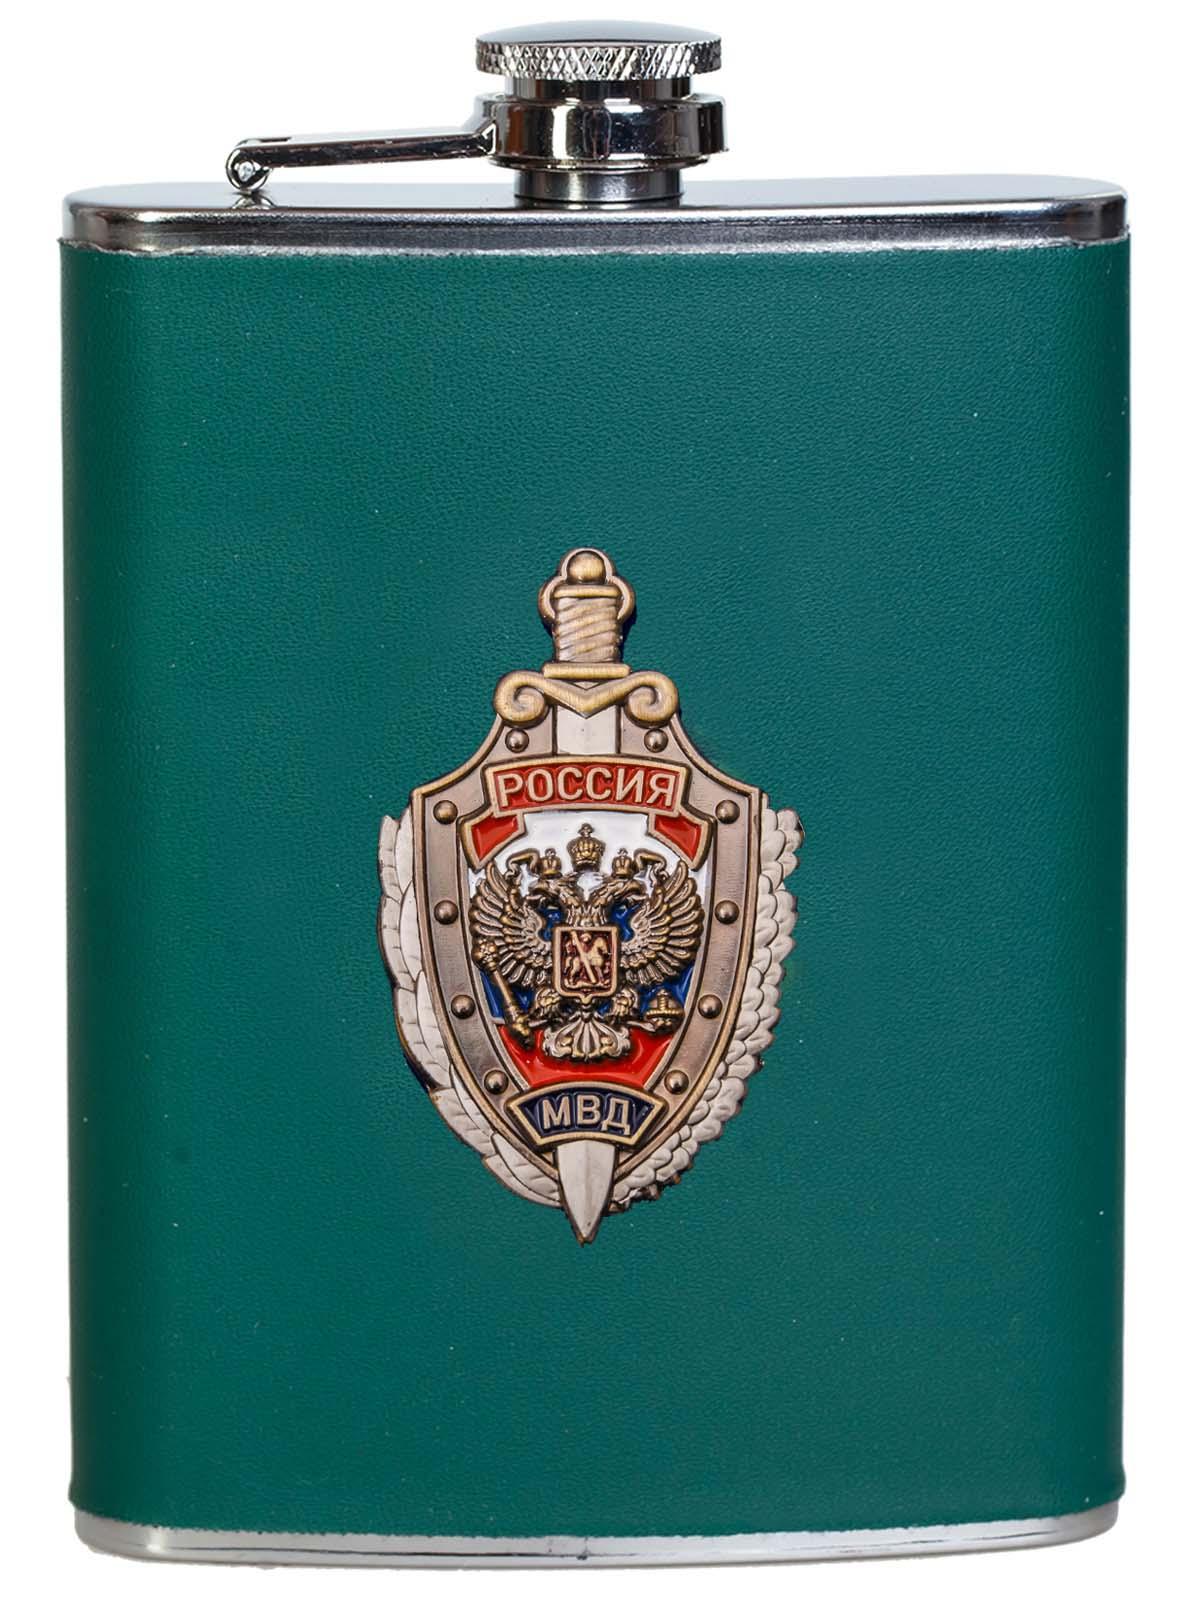 Лучшая фляжка-подарок сотруднику МВД России